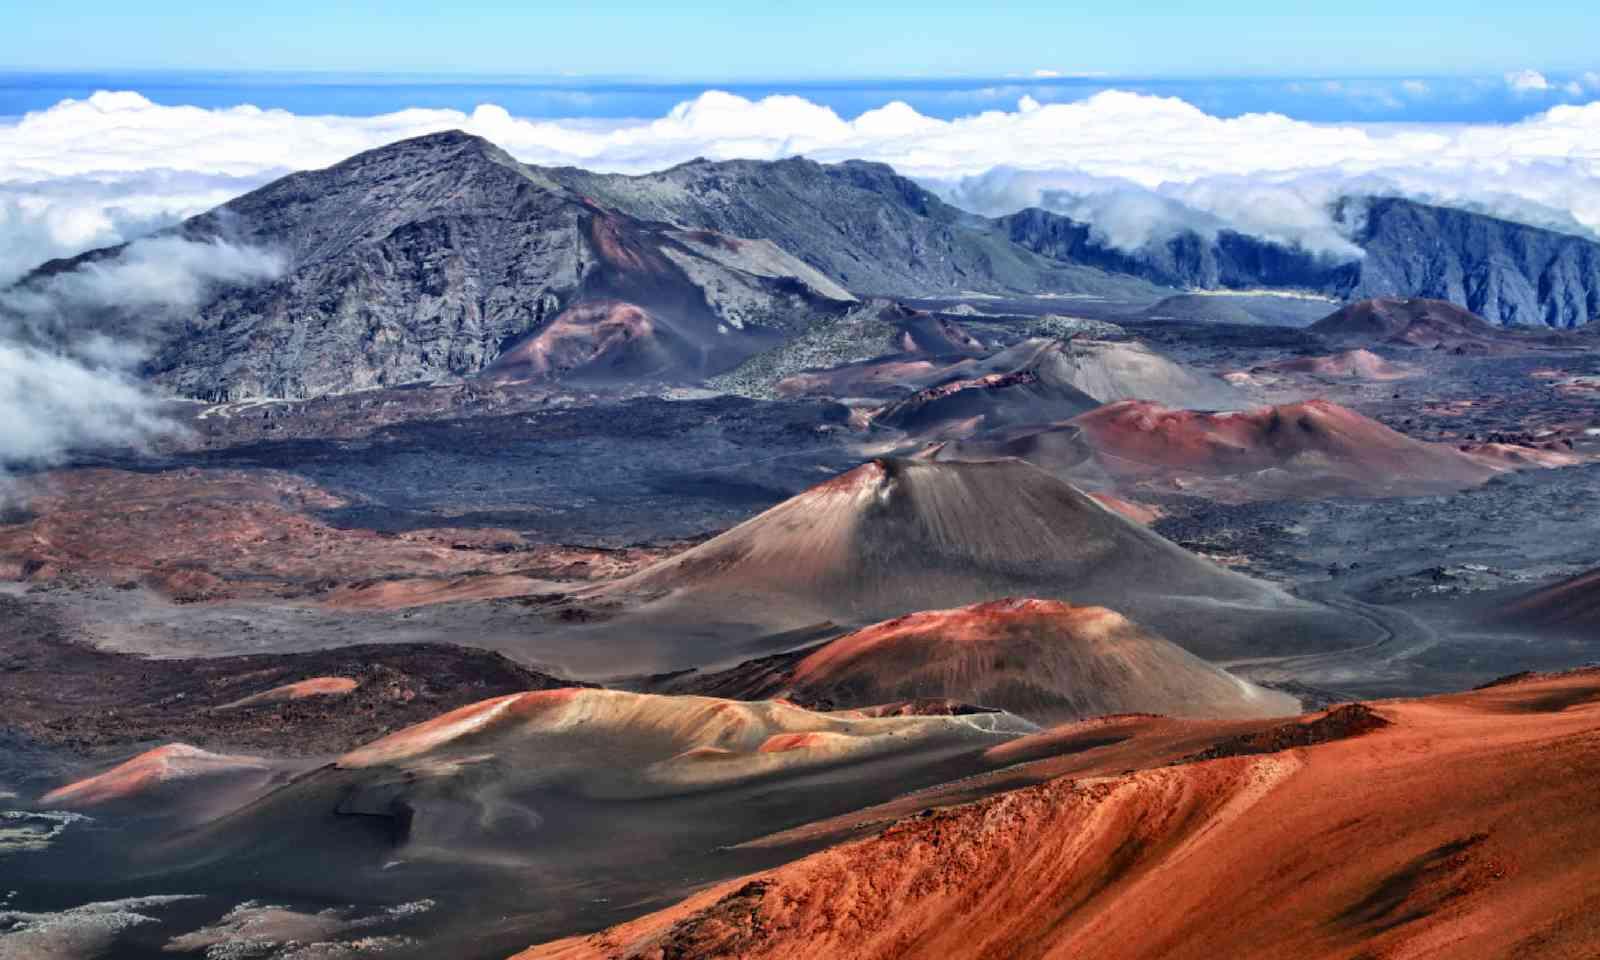 Caldera of the Haleakala volcano (Shutterstock)